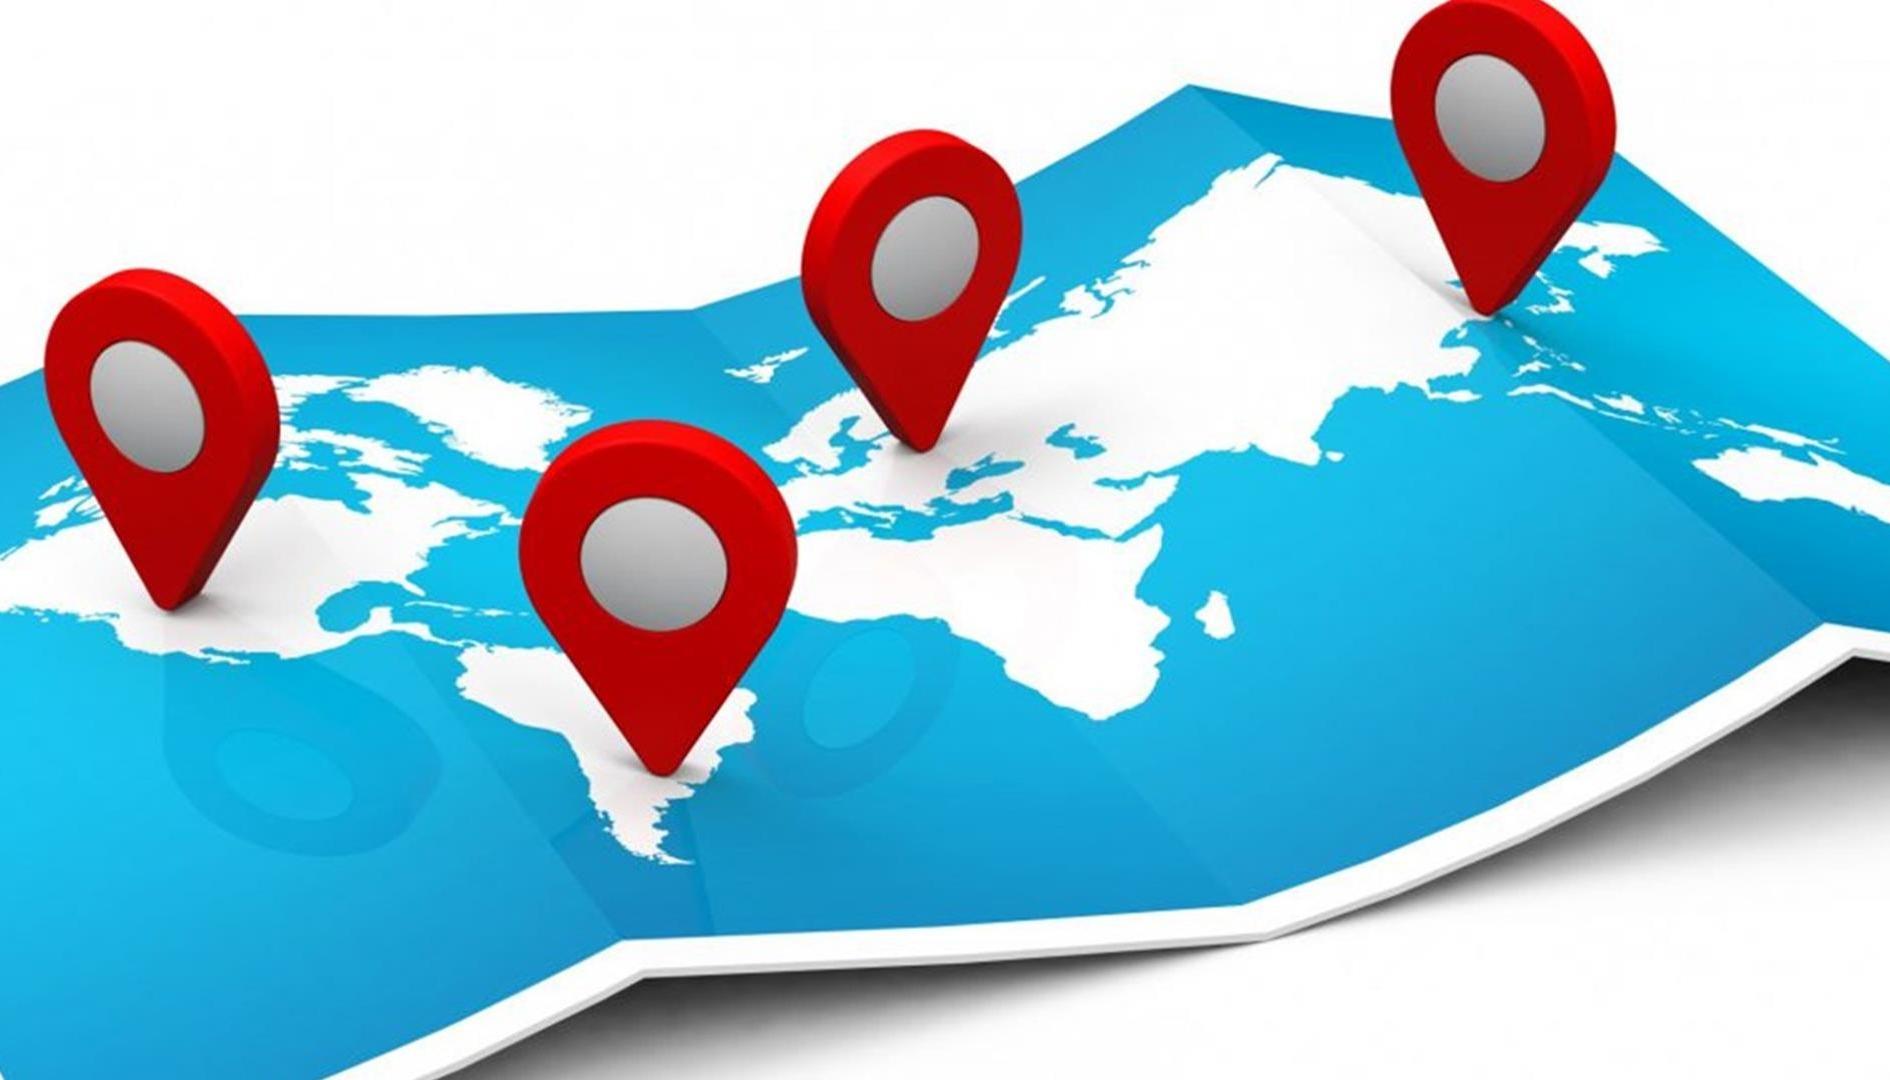 Coronavirus, da Google Maps mappe aggiornate sugli spostamenti delle persone